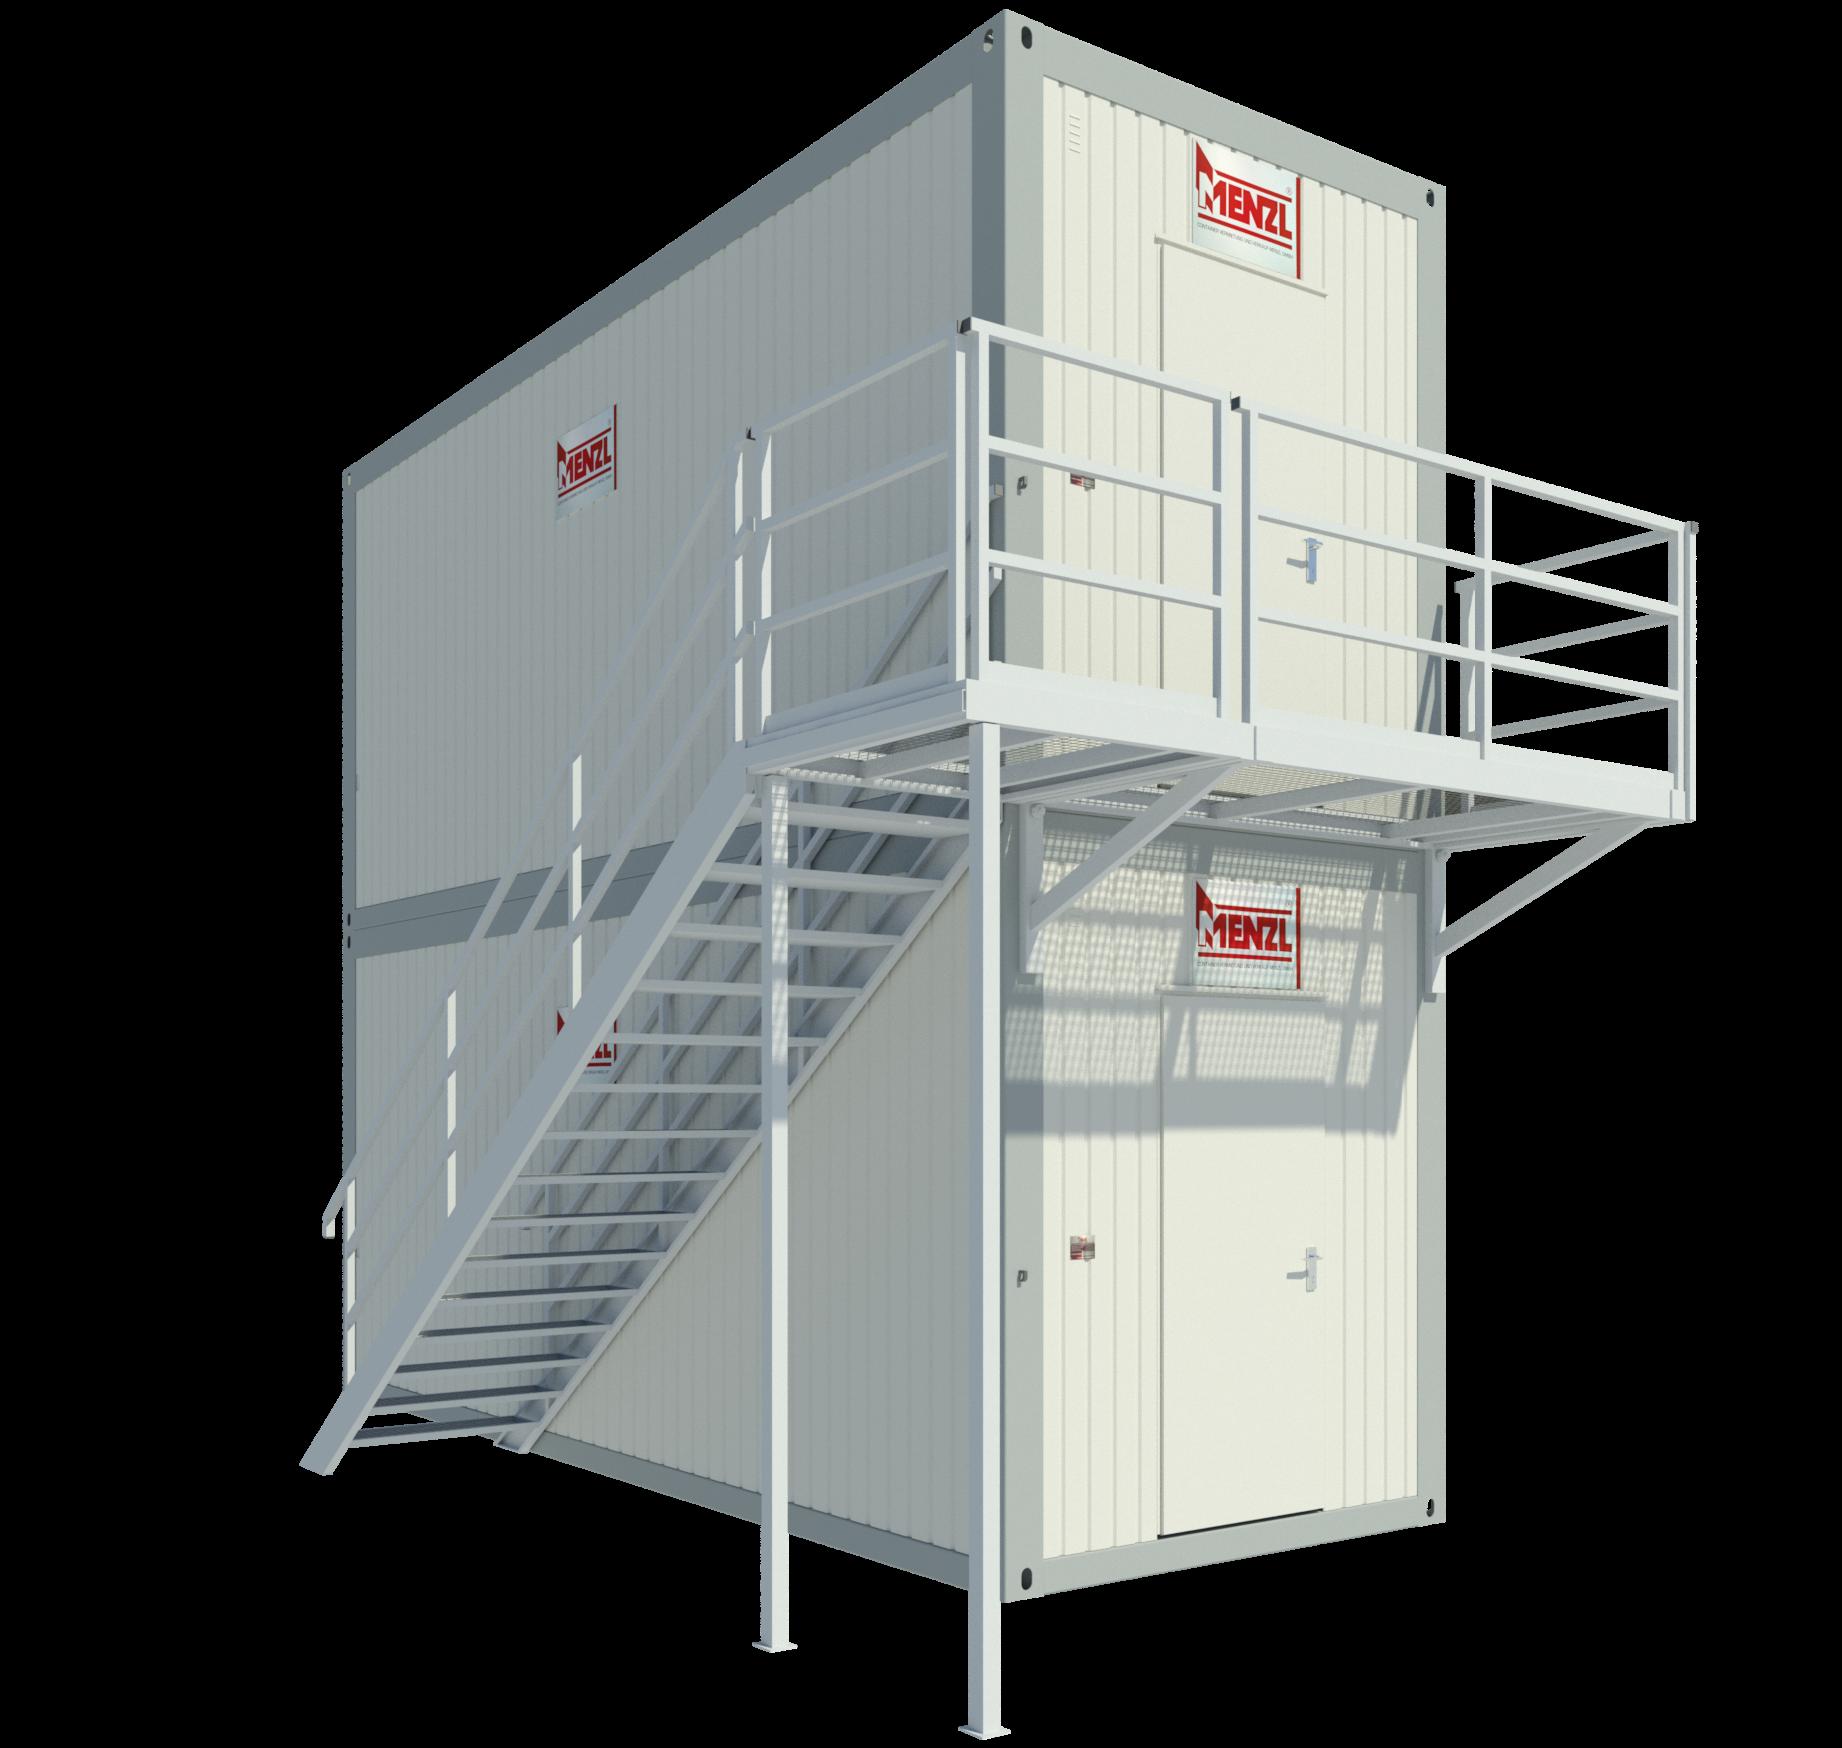 Treppensystem / Aufgangsmodul längsseitig & Laufsteg stirnseitig